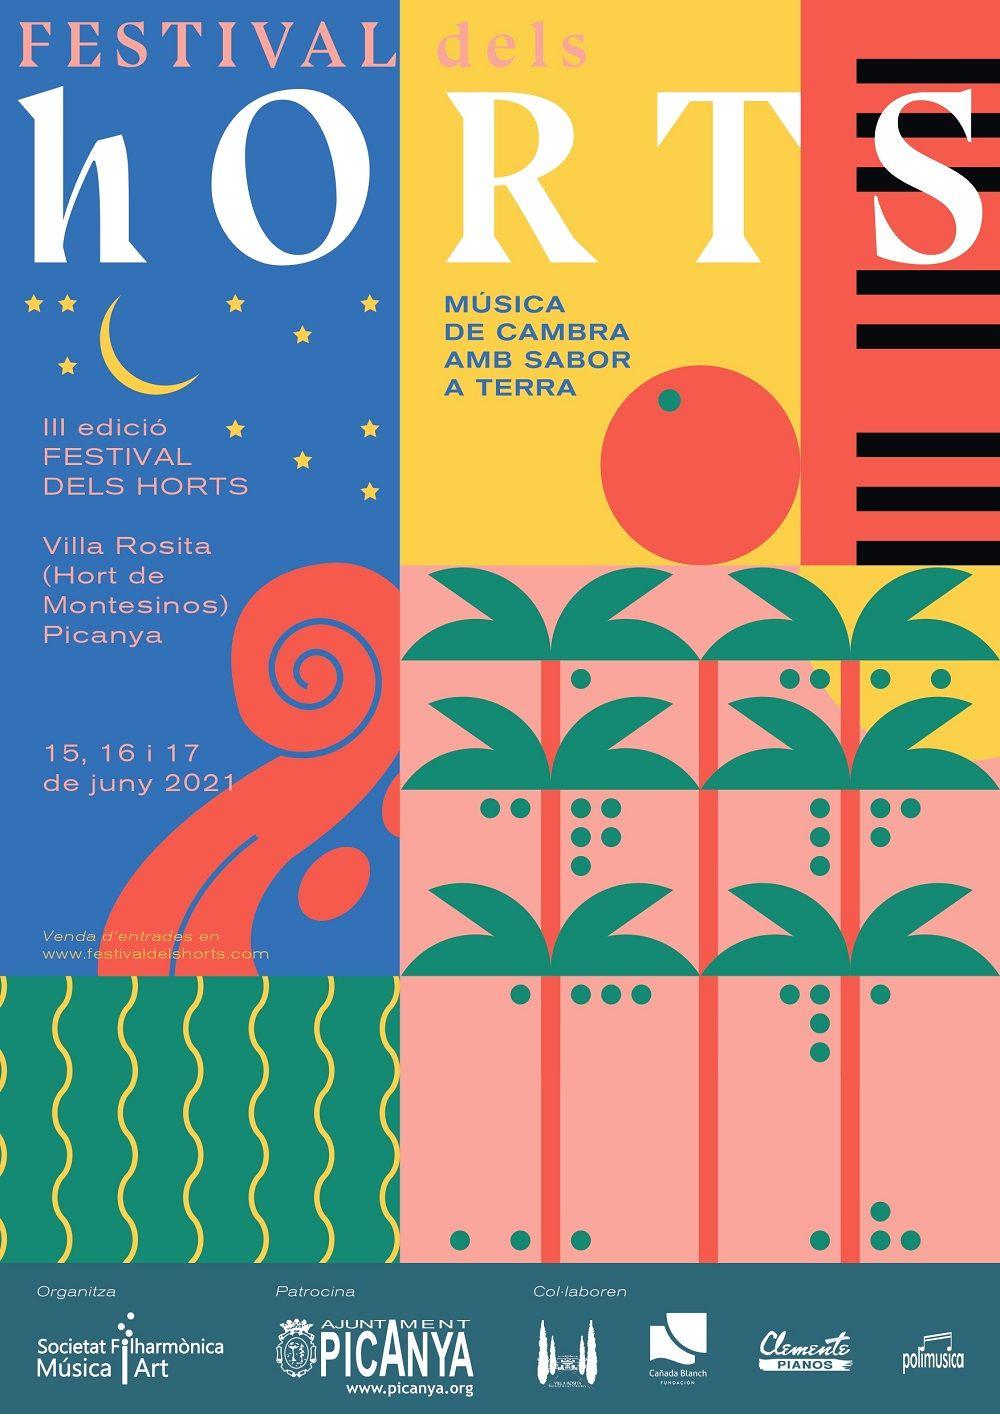 Festival dels Horts de Picanya valencia